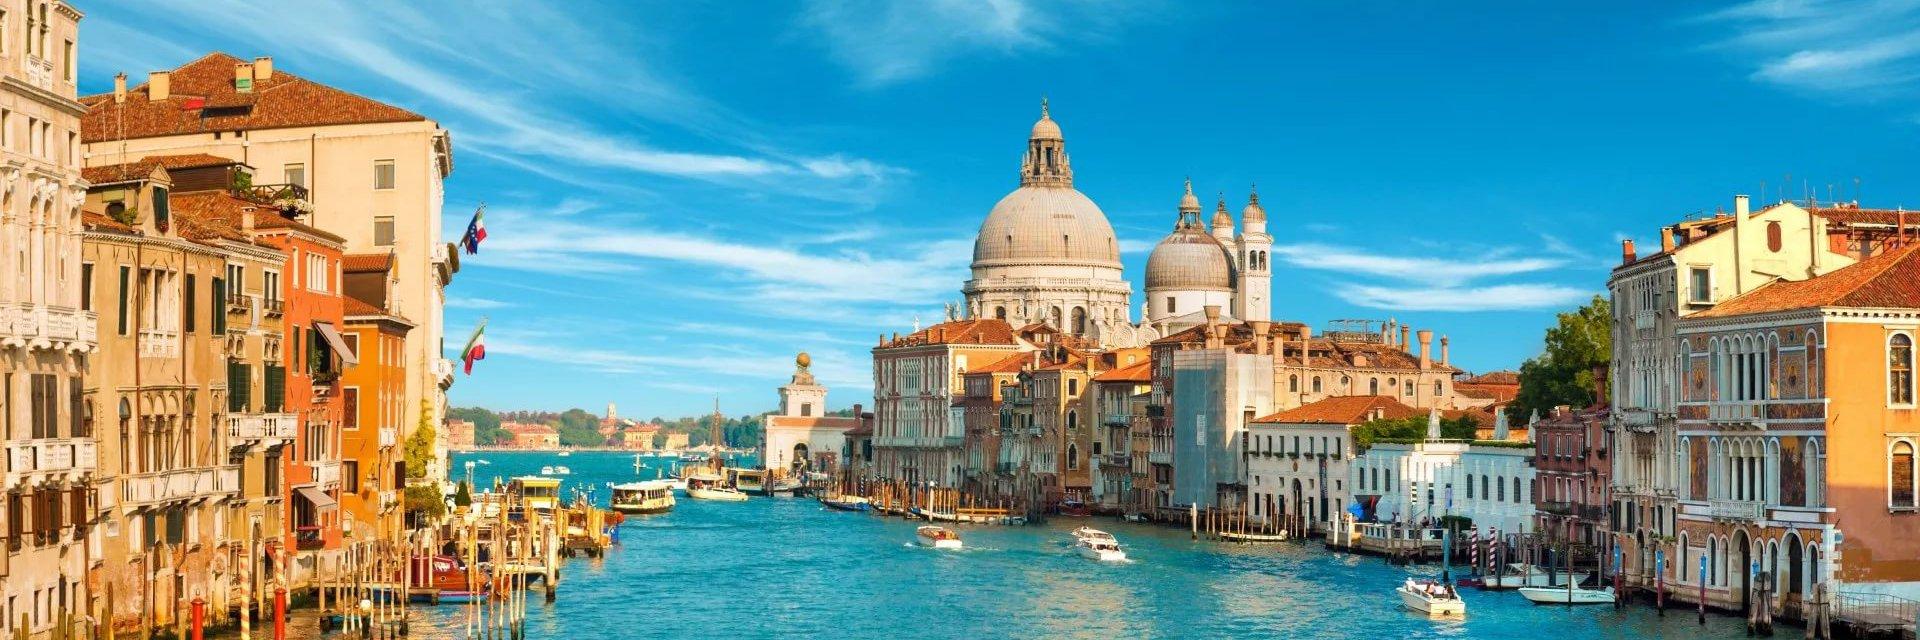 Туры в Италию 2021, путевки из Москвы - цены на отдых в Италии - ПАКС